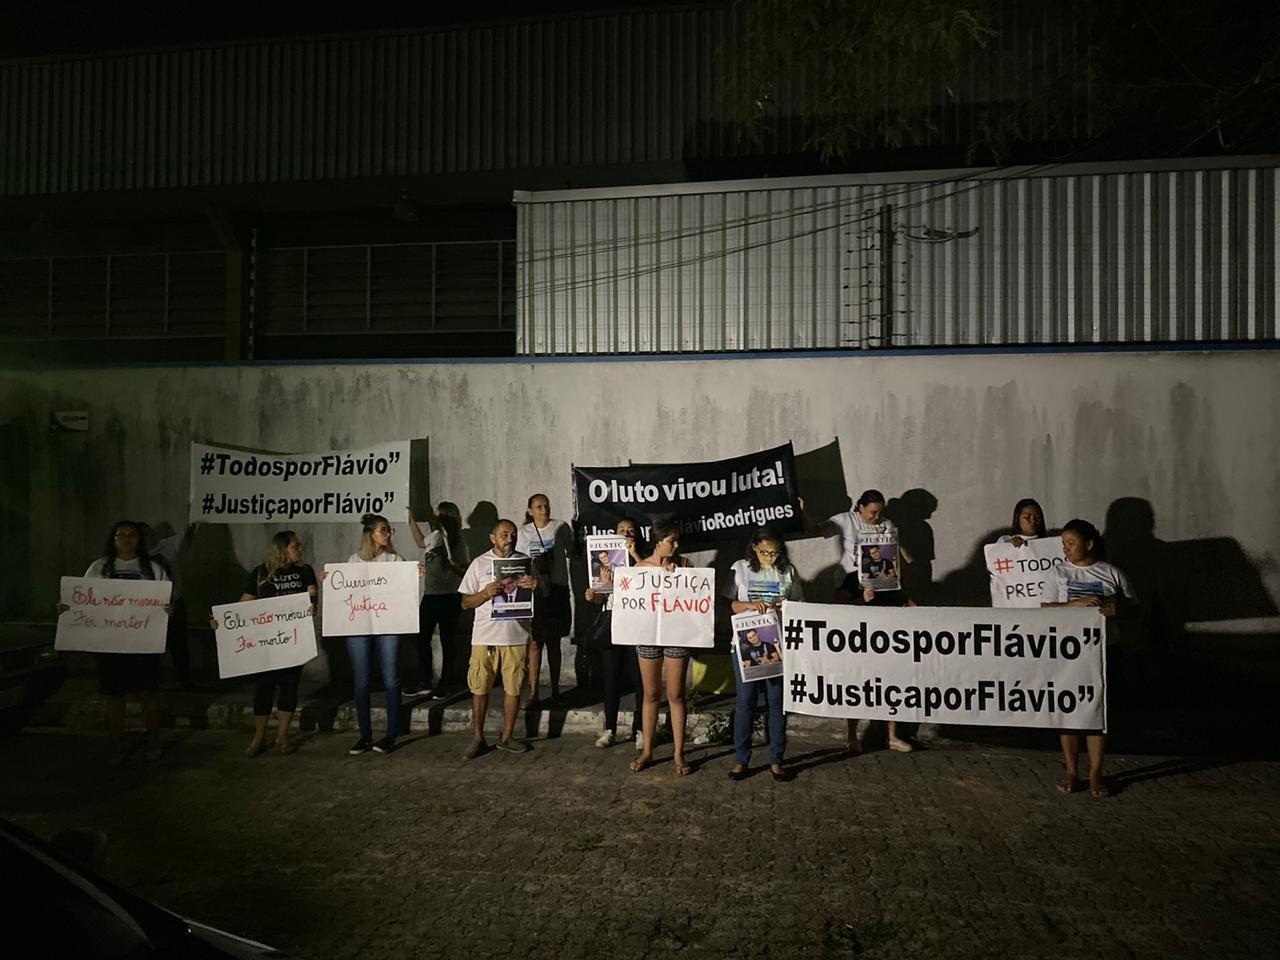 Caso Flávio: Familiares de engenheiro protestam em delegacia enquanto primeira-dama conversa com polícia - Notícias - Plantão Diário